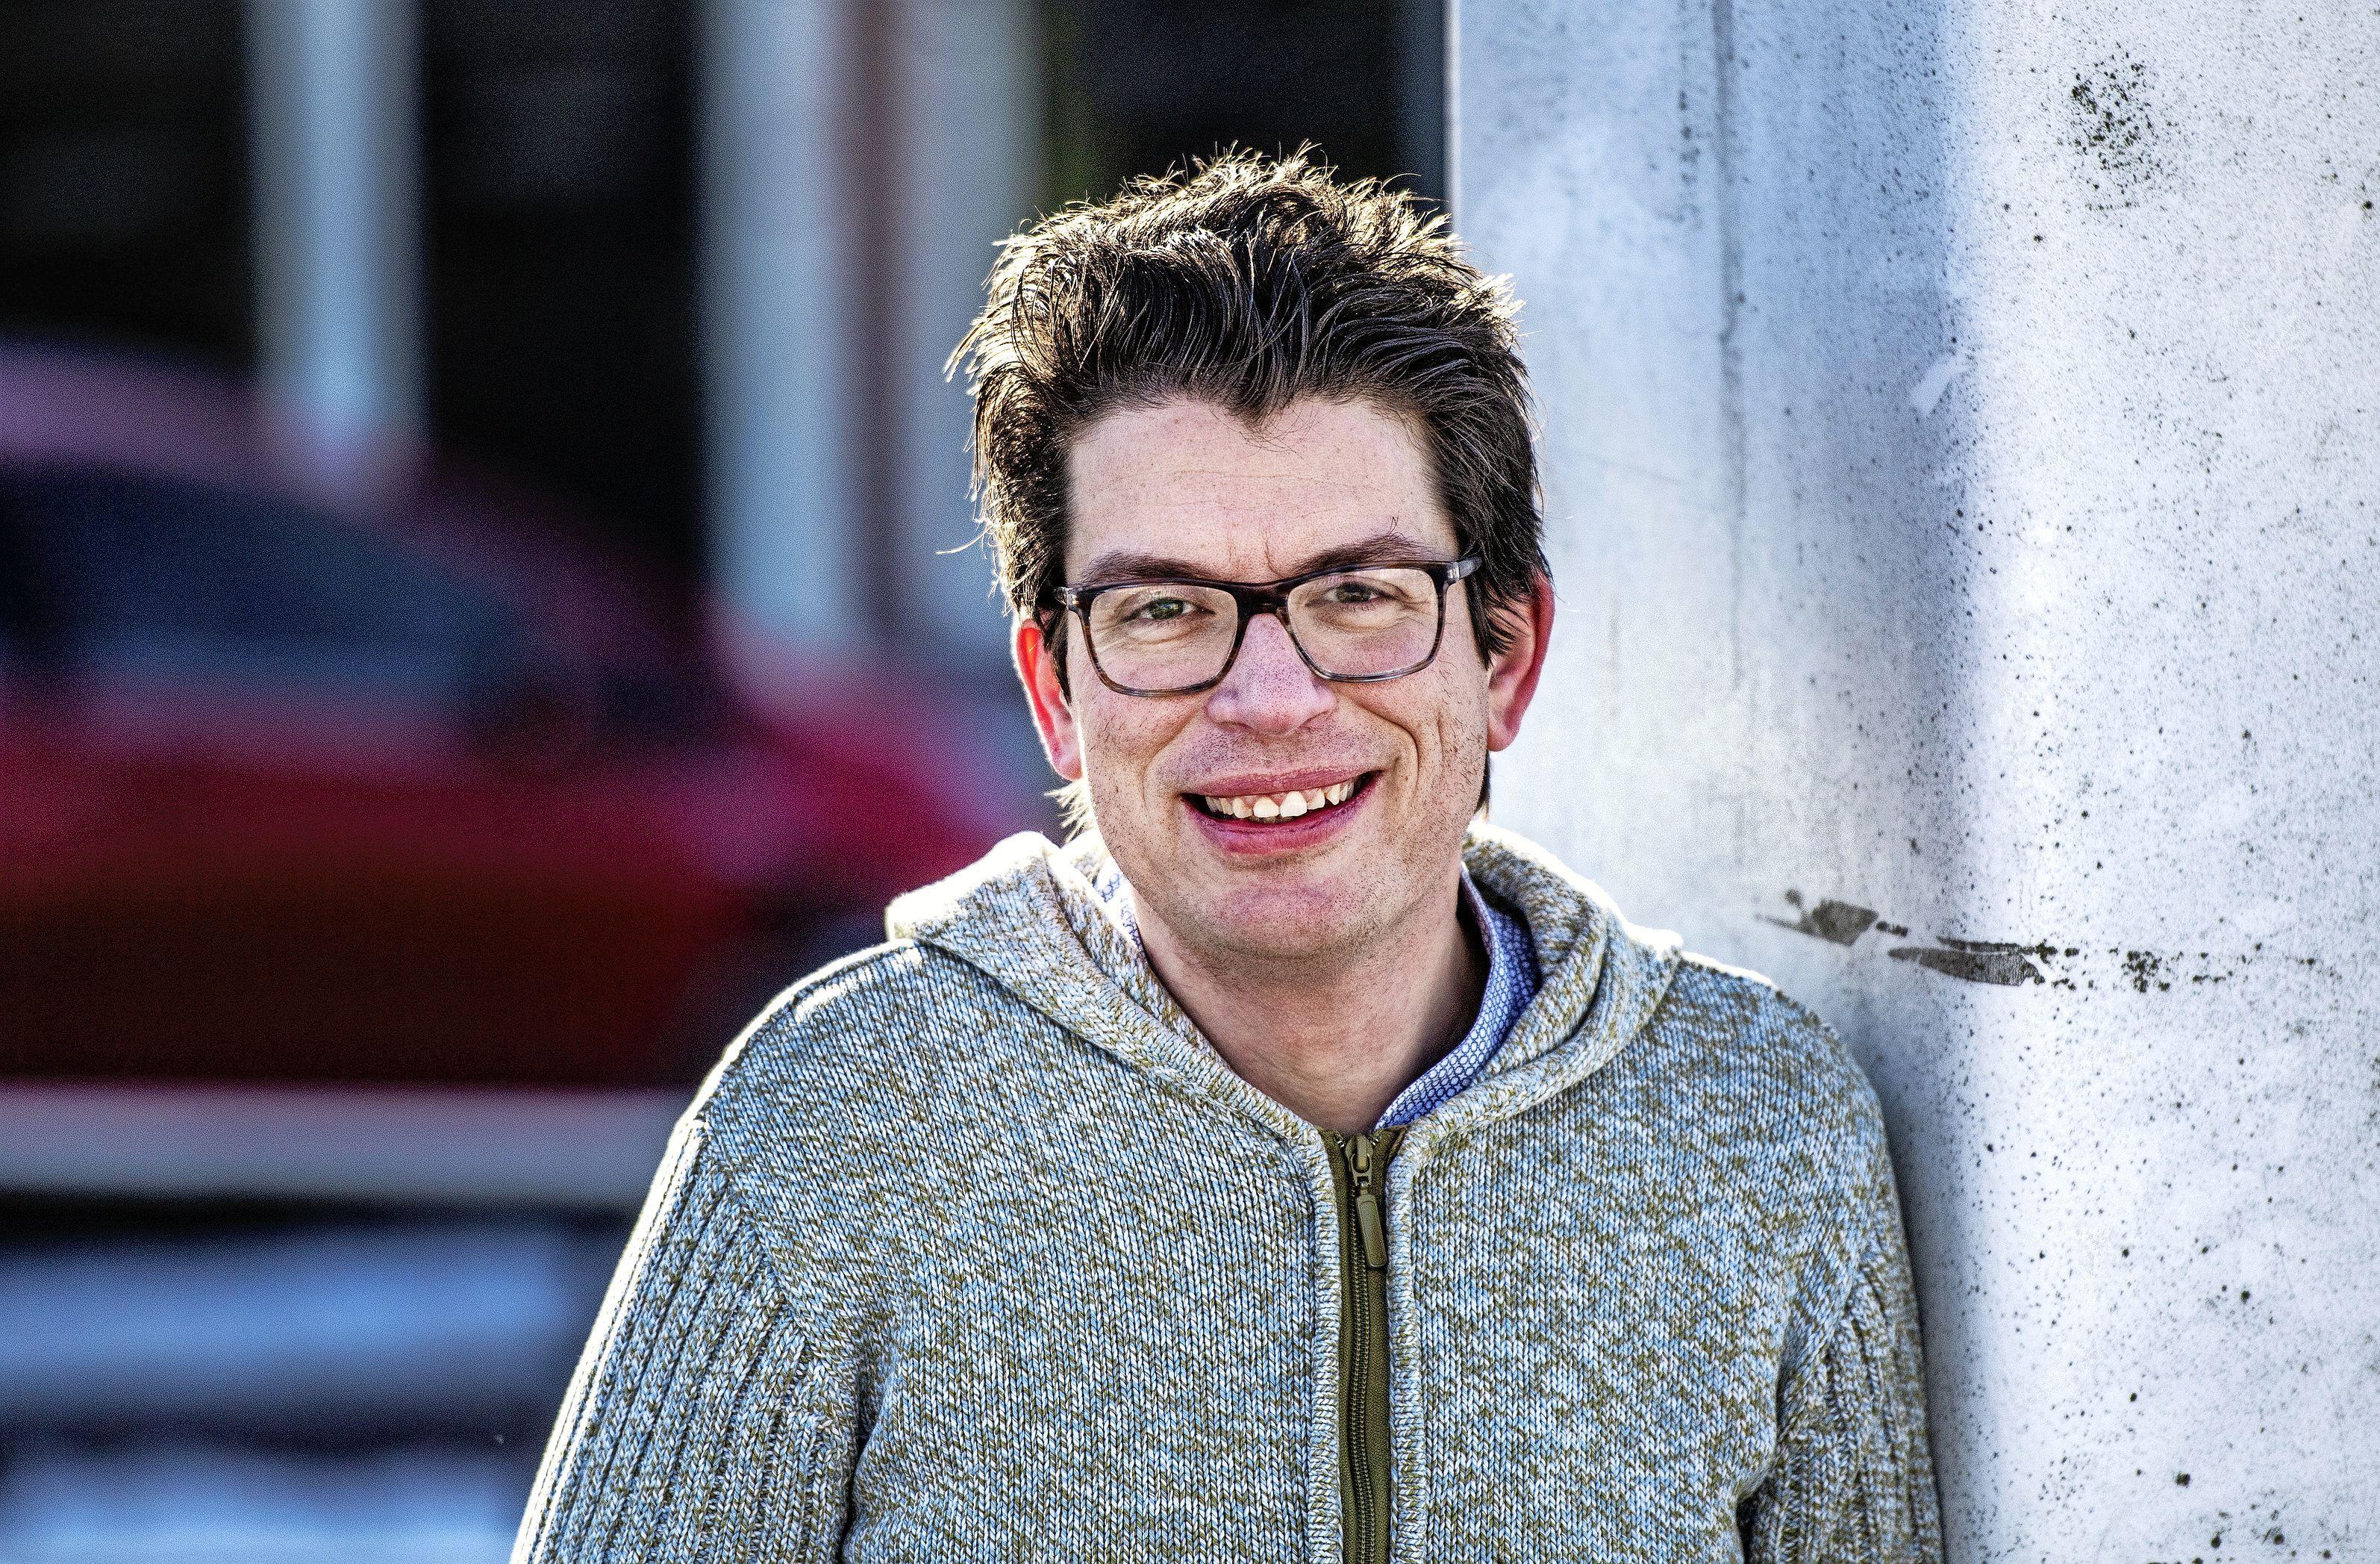 Haarlemse partijen pleiten voor meer keuzevrijheid bij afhaalbieb: 'We laten kansen liggen'